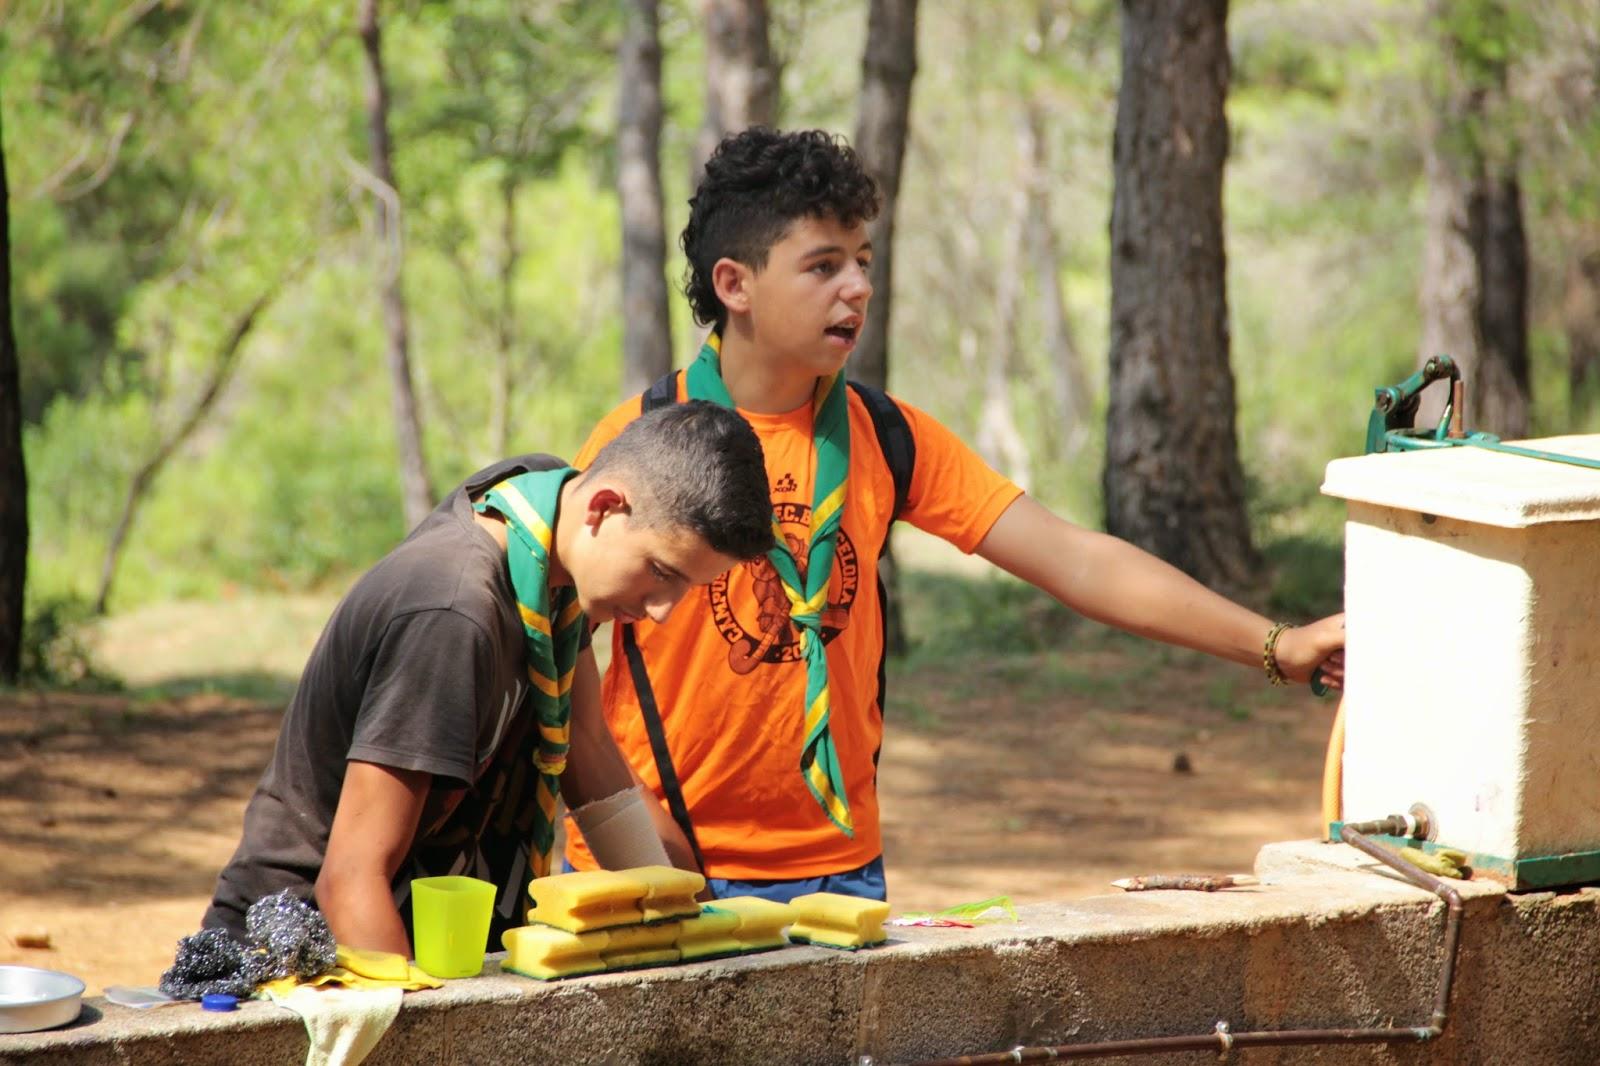 Campaments Estiu Cabanelles 2014 - IMG_1652.JPG